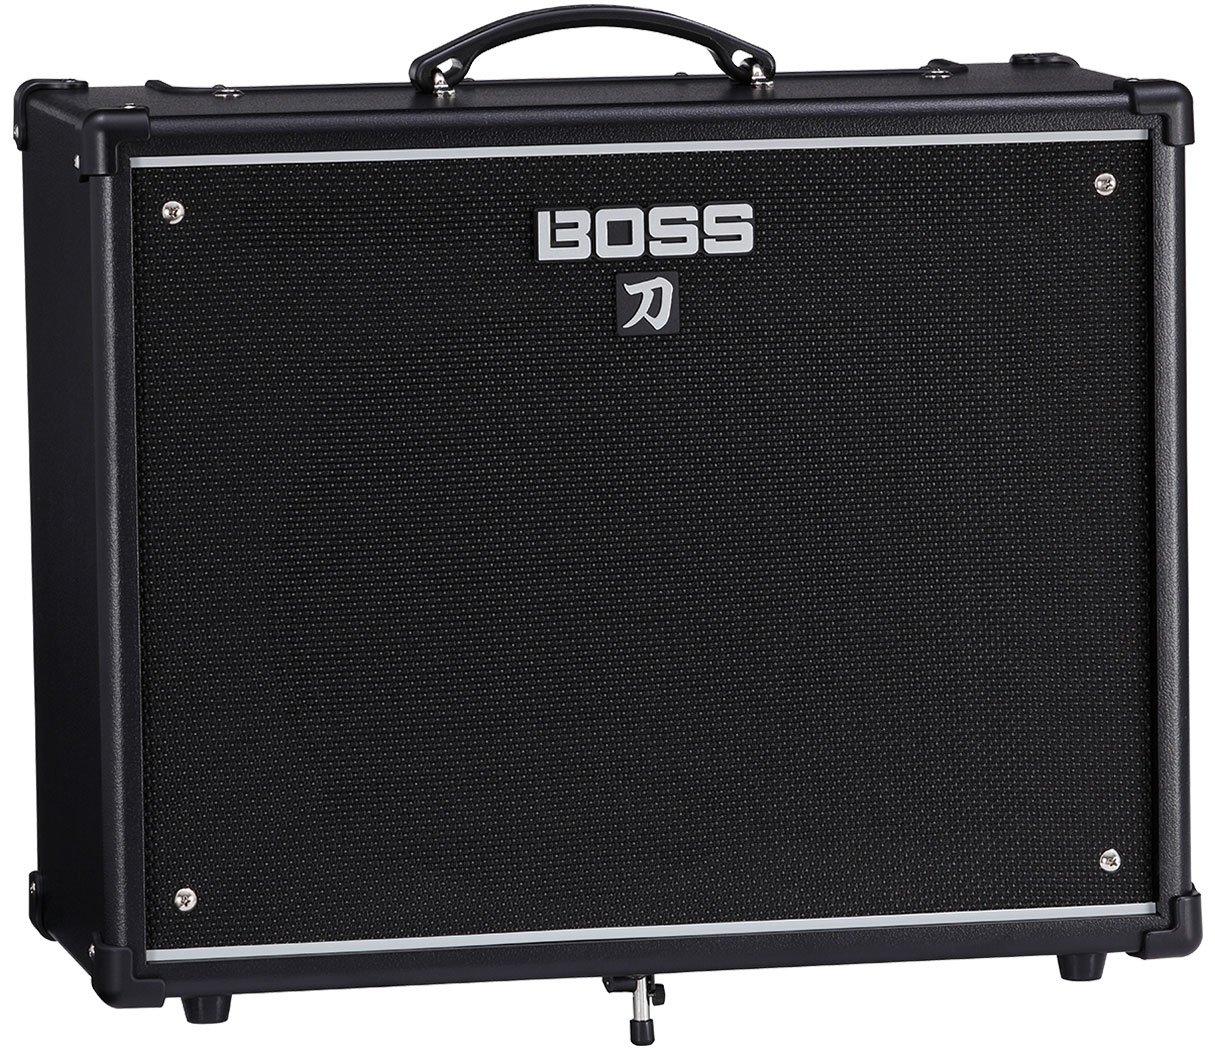 Boss Katana-100 MkII 100-Watt 1x12 Digital Modeling Guitar Combo